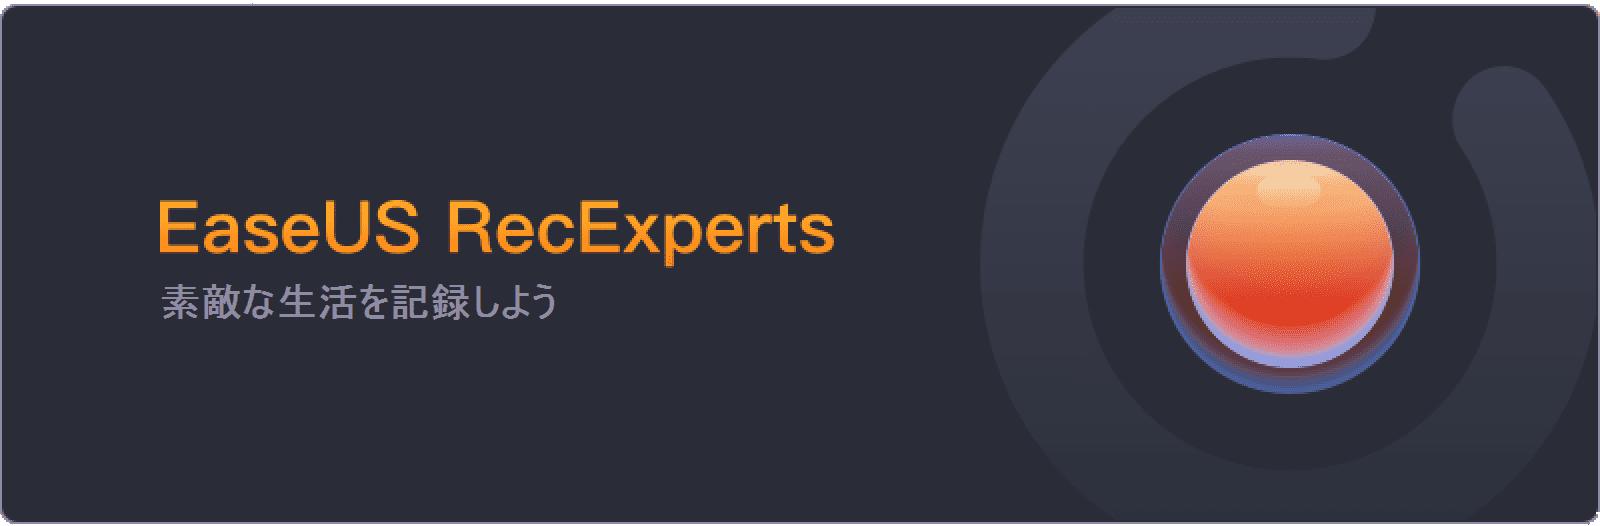 EaseUSRecExperts001